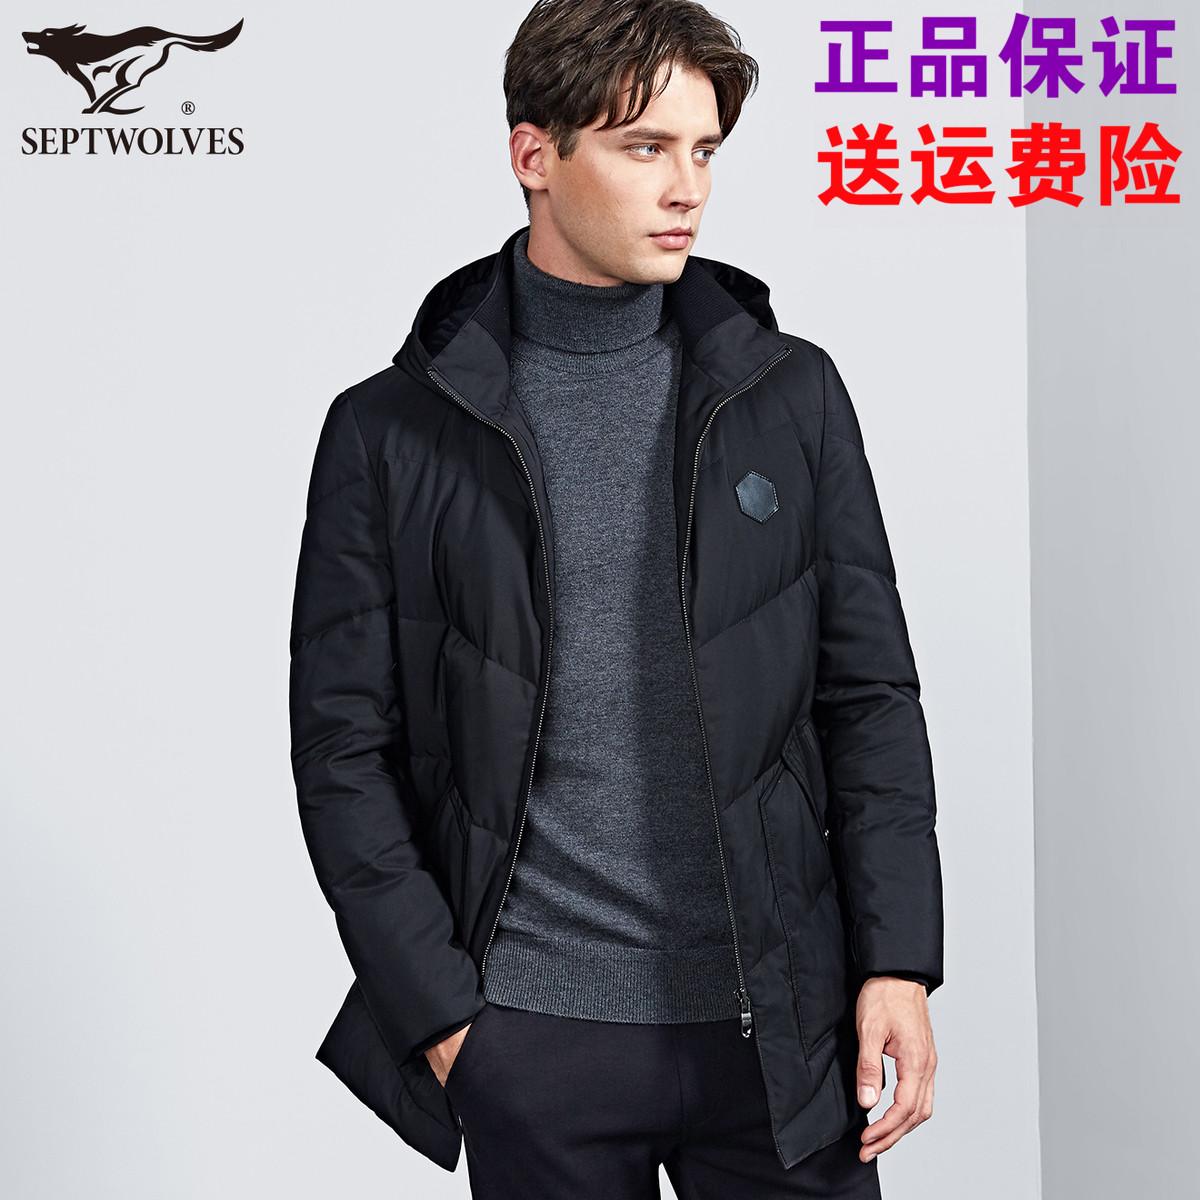 七匹狼羽绒服男士中长款2018冬装新品男装青年保暖时尚加厚外套潮